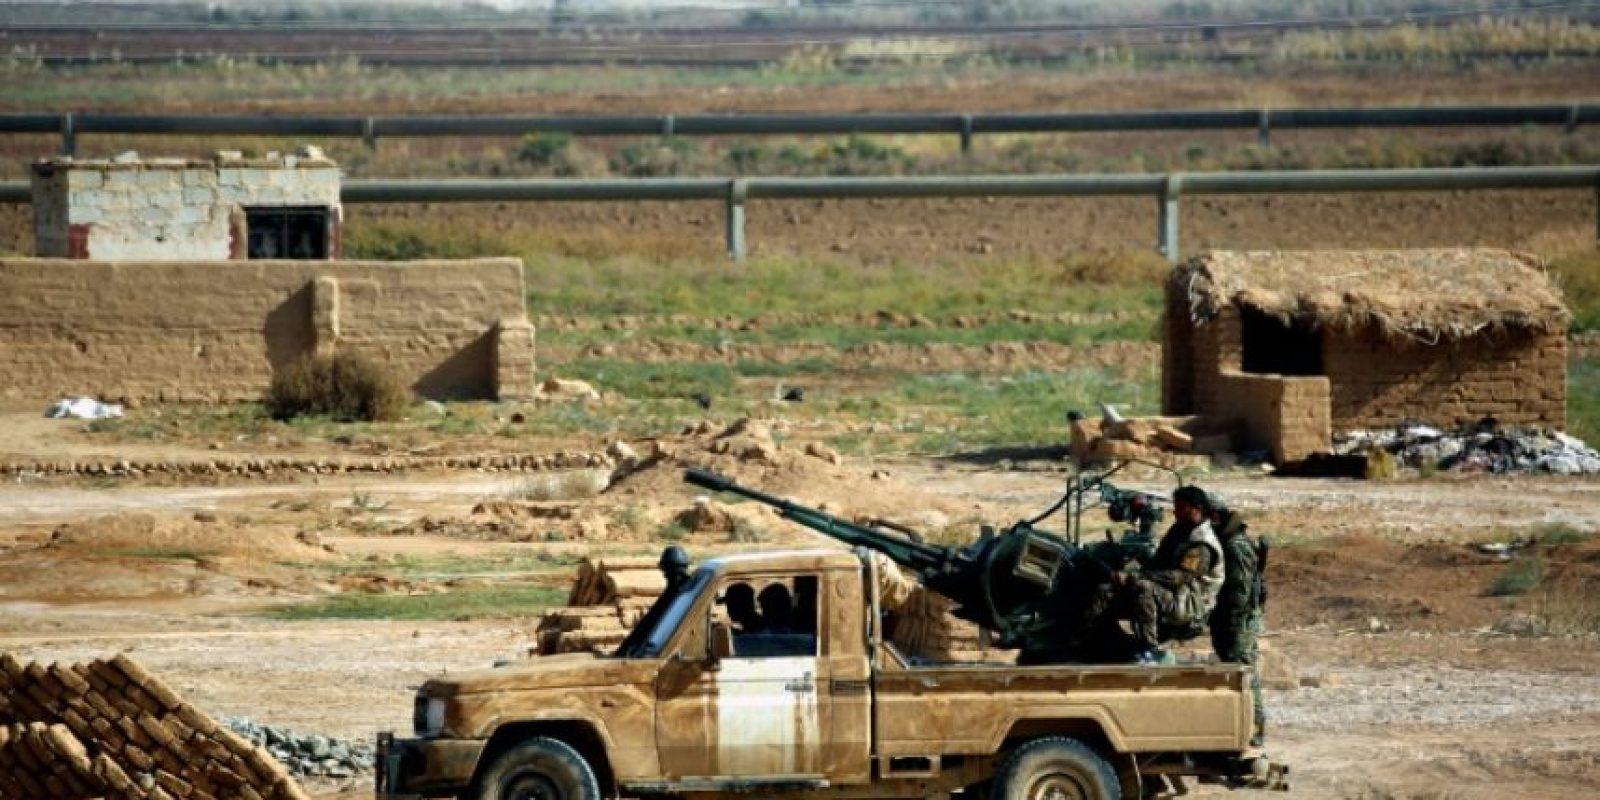 Combatientes de la coalición kurdo-árabe, conocida como las Fuerzas Democráticas de Siria, en Al-Huriya, en el norte del país y cerca de la línea del frente de lucha contra los yihadistas del grupo Estado Islámico, el 11 de noviembre de 2016 Foto:Delil Souleiman/afp.com